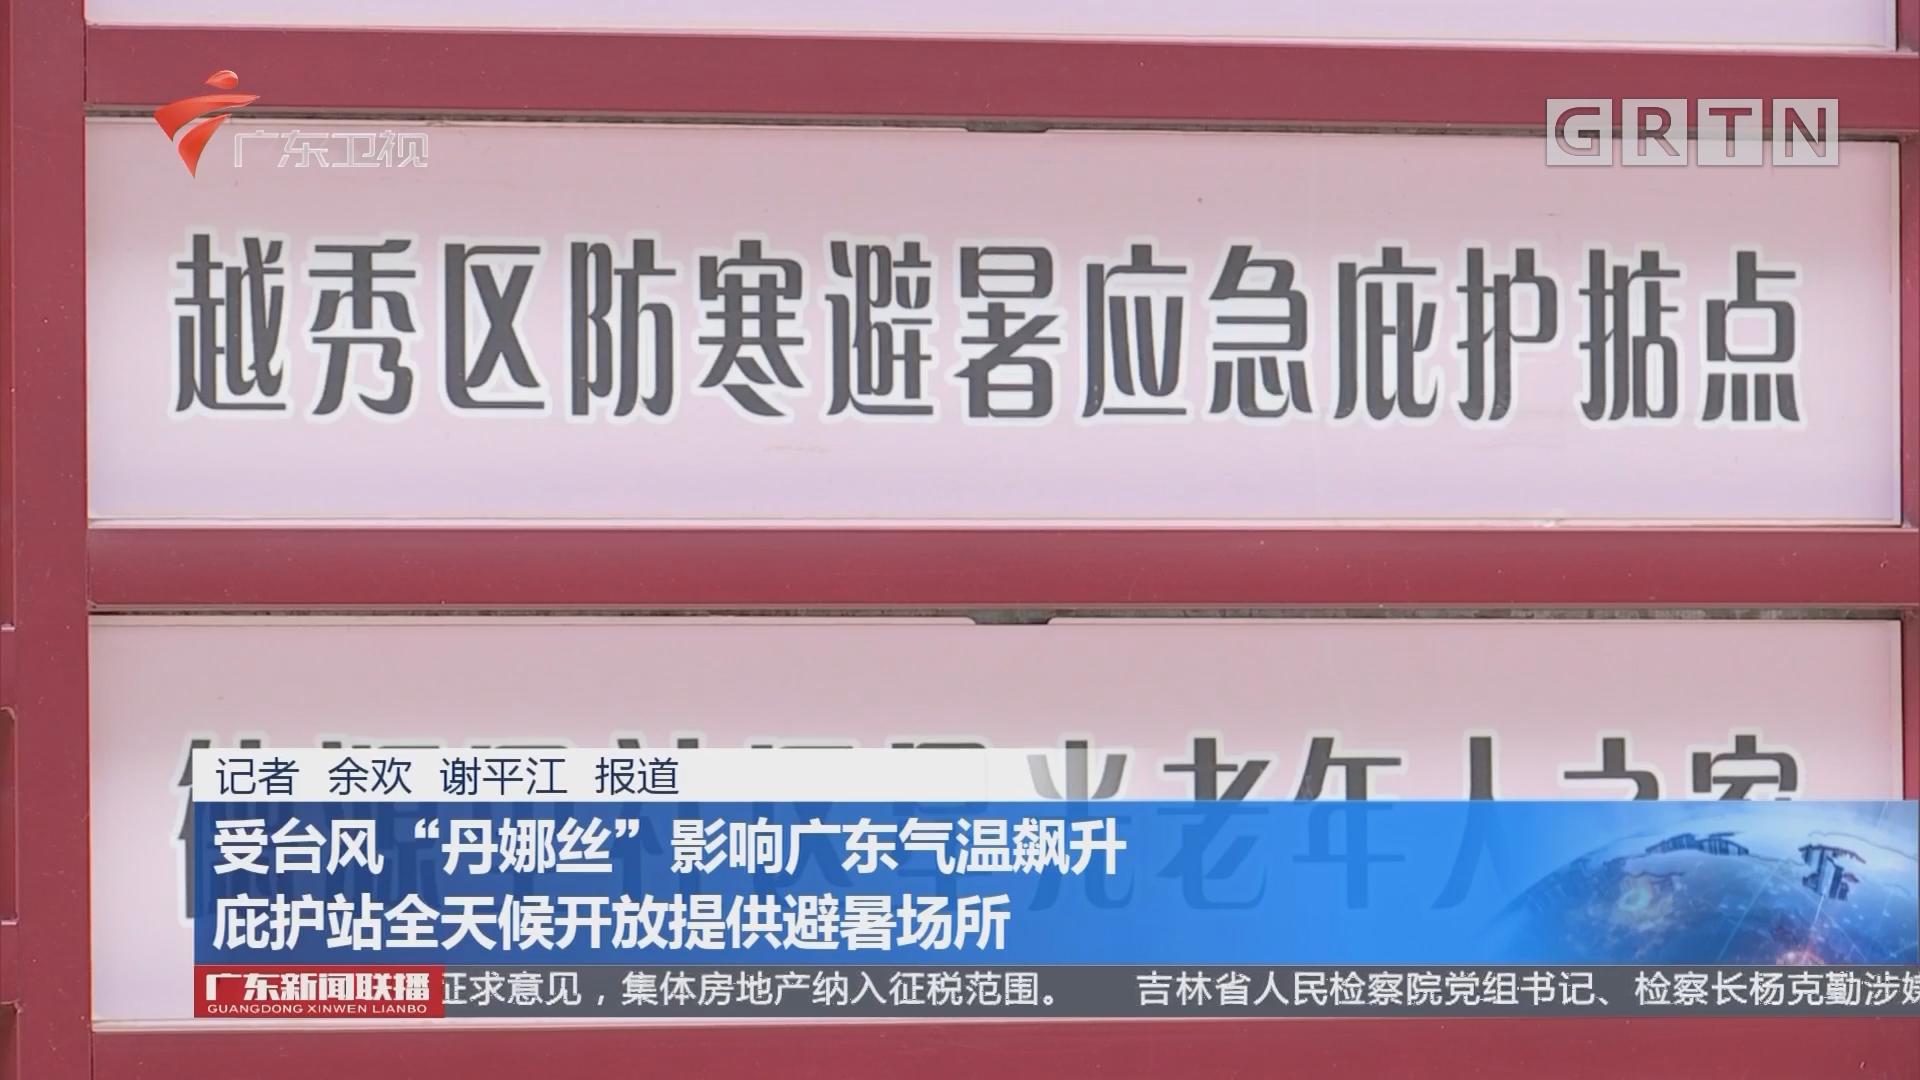 """受台风""""丹娜丝""""影响广东气温飙升 庇护站全天候开放提供避暑场所"""